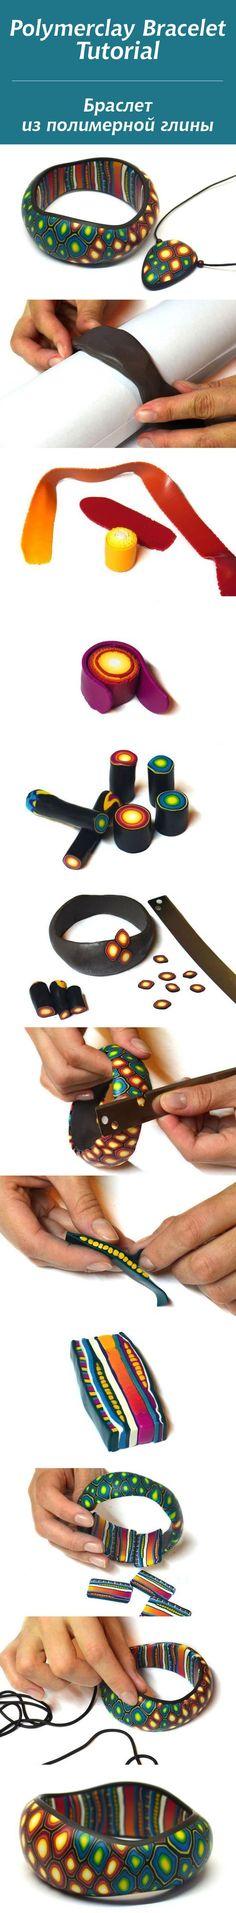 Делаем красочный браслет из полимерной глины #polymerclay